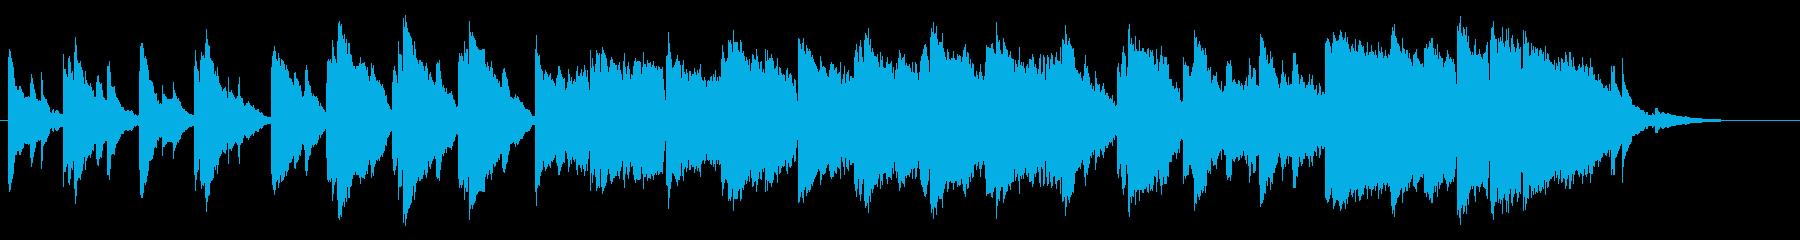 ピアノとストリングスの悲しいBGMの再生済みの波形